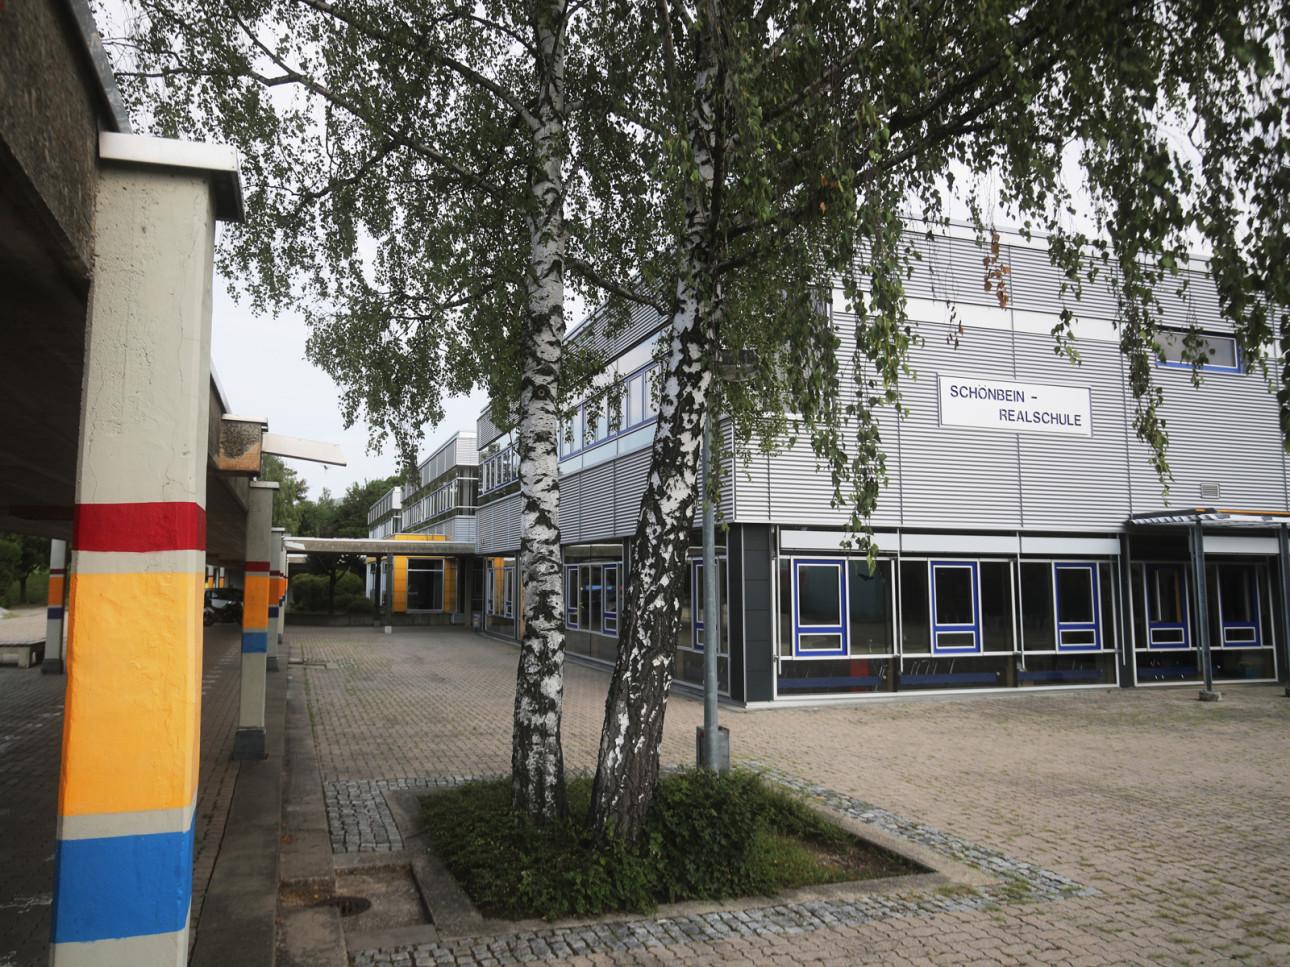 Schönbein-Realschule